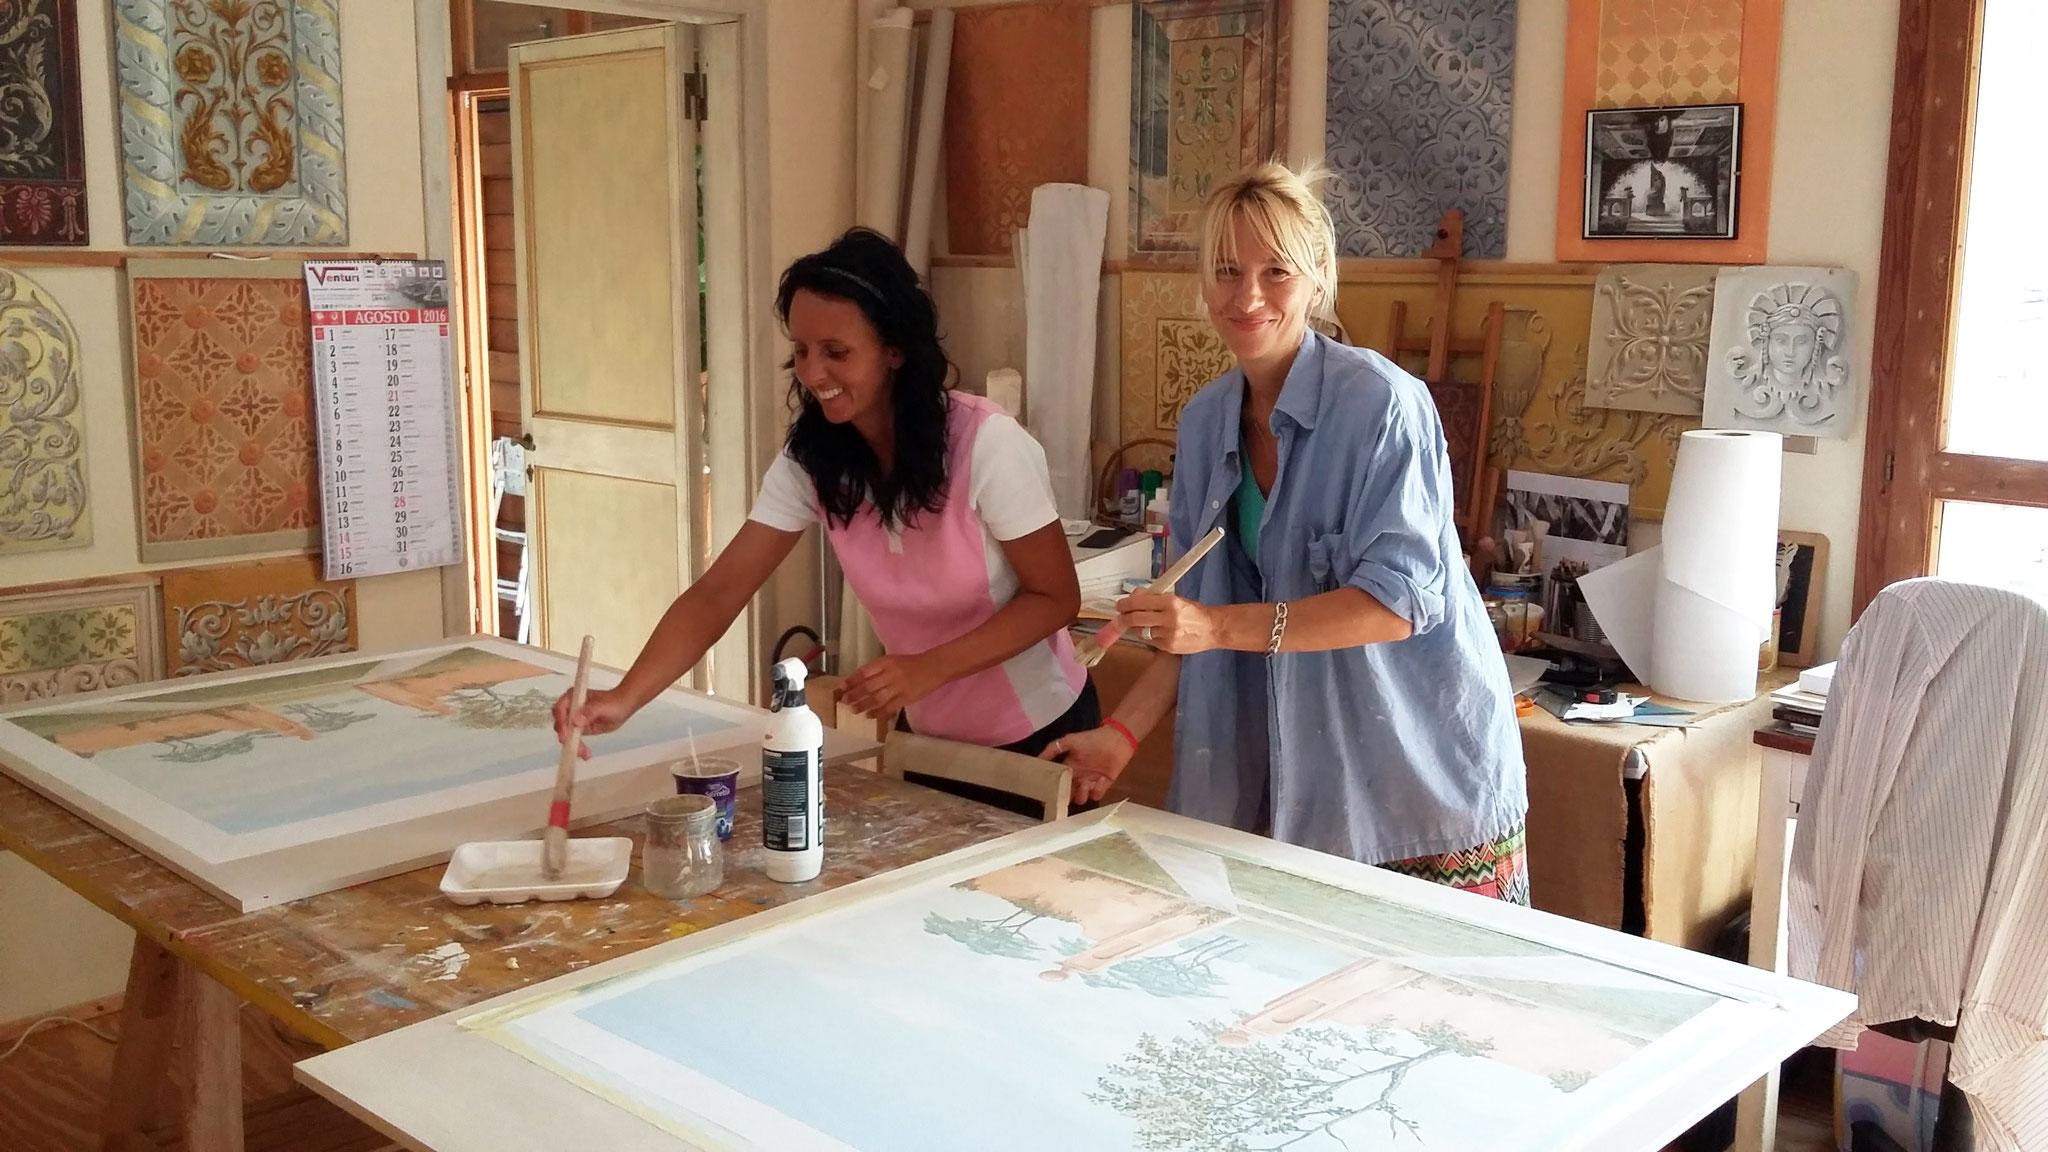 Manuela e Silvia from Reggio Emilia